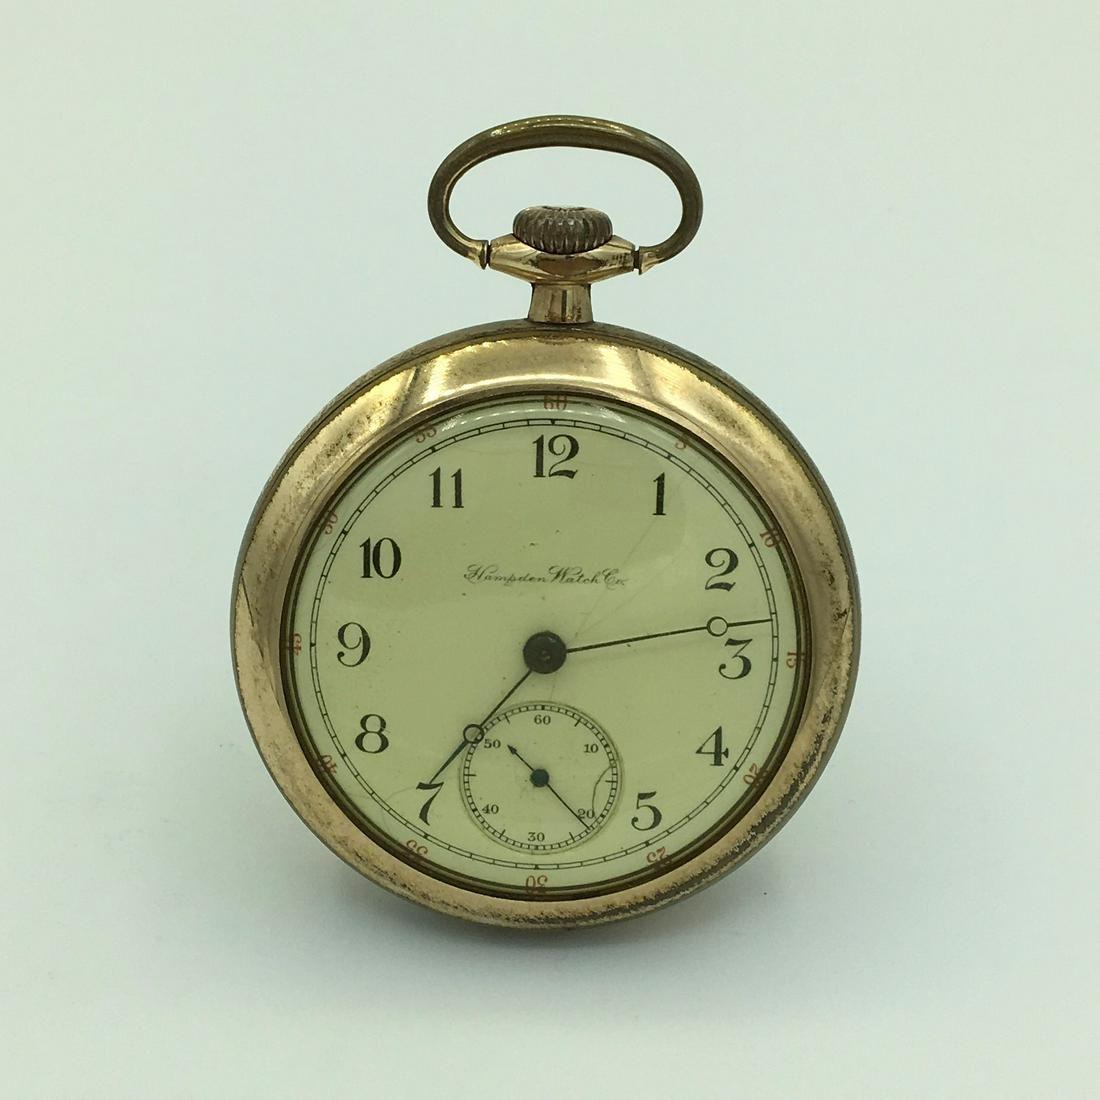 Hampden Watch Co Dueber 15J Gold Plate Open Face Pocket